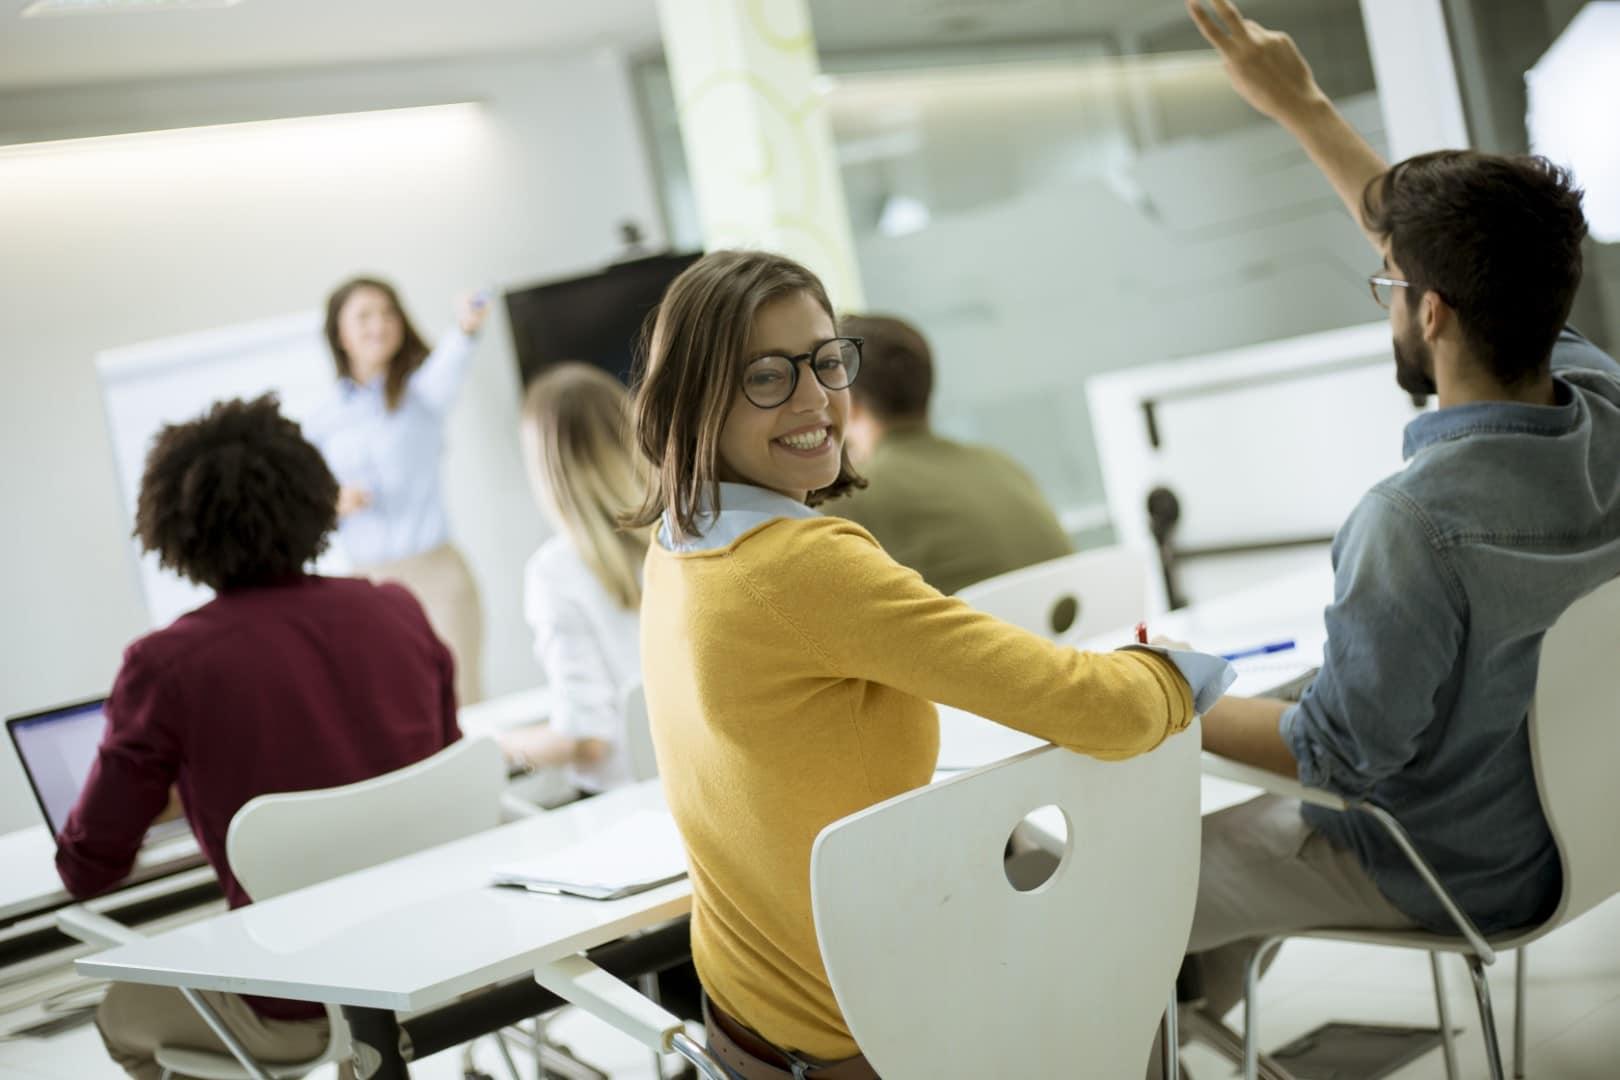 Convocatoria de proceso selectivo para cubrir 122 plazas para el ingreso al Cuerpo de Profesorado Técnico de Formación Profesional de la Administración de la Comunidad Foral de Navarra